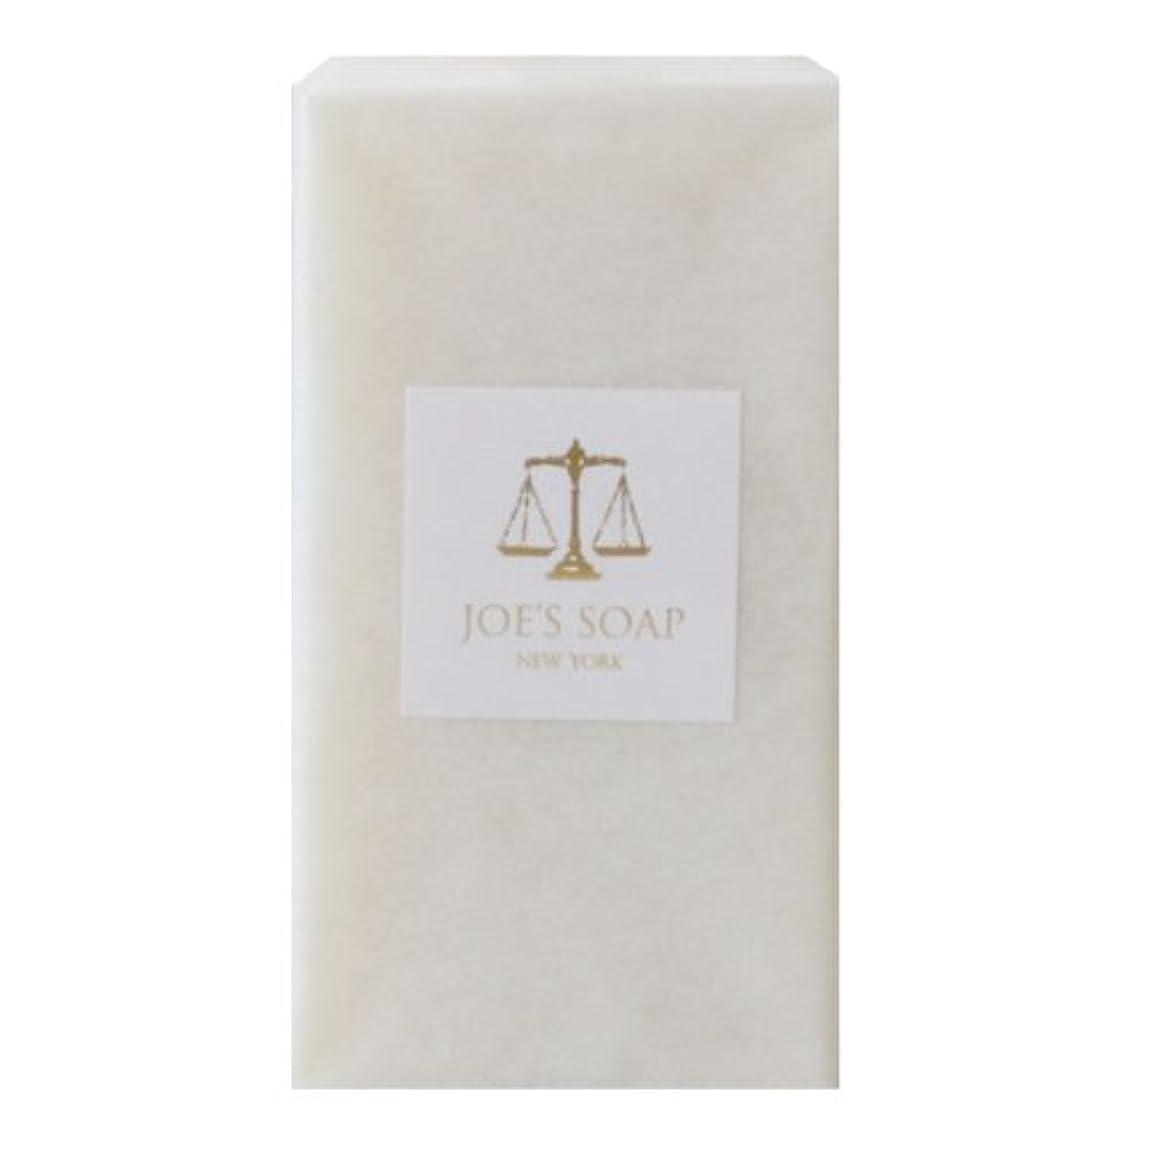 北東代表して節約するJOE'S SOAP ジョーズソープ オリーブソープ NO.1 100g 石鹸 無香料 無添加 オーガニックソープ 洗顔料 オリーブ石けん せっけん 固形 宅配便